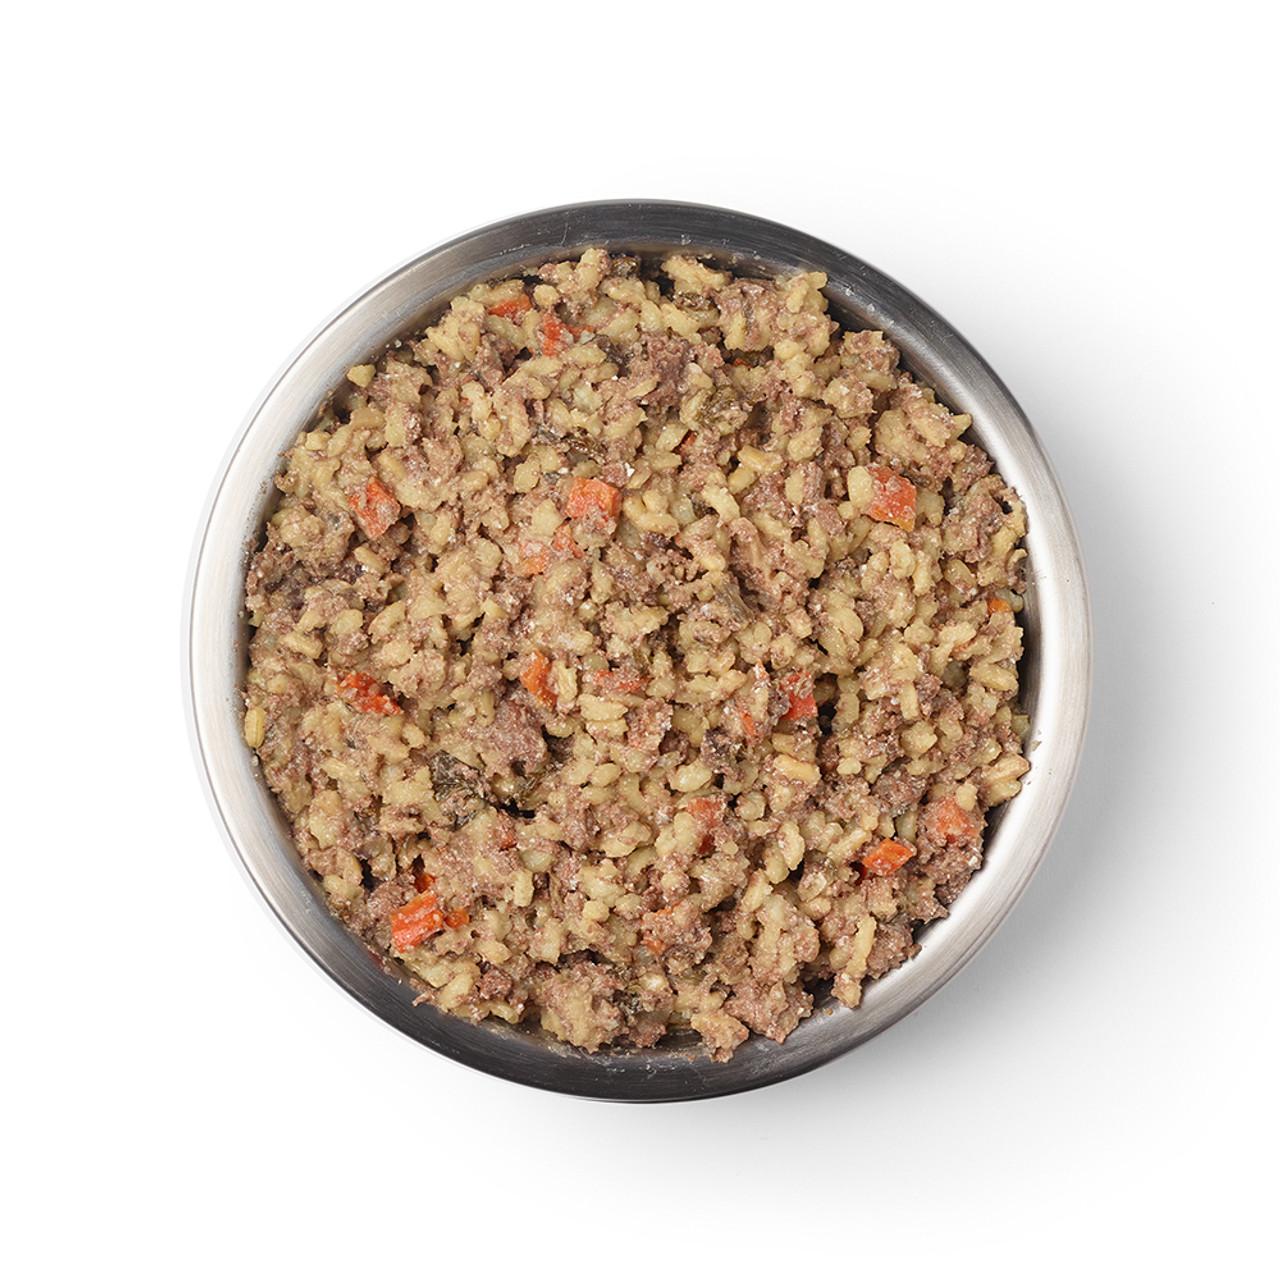 JustFoodForDogs PantryFresh Lamb & Brown Rice Recipe Wet Dog Food - Food